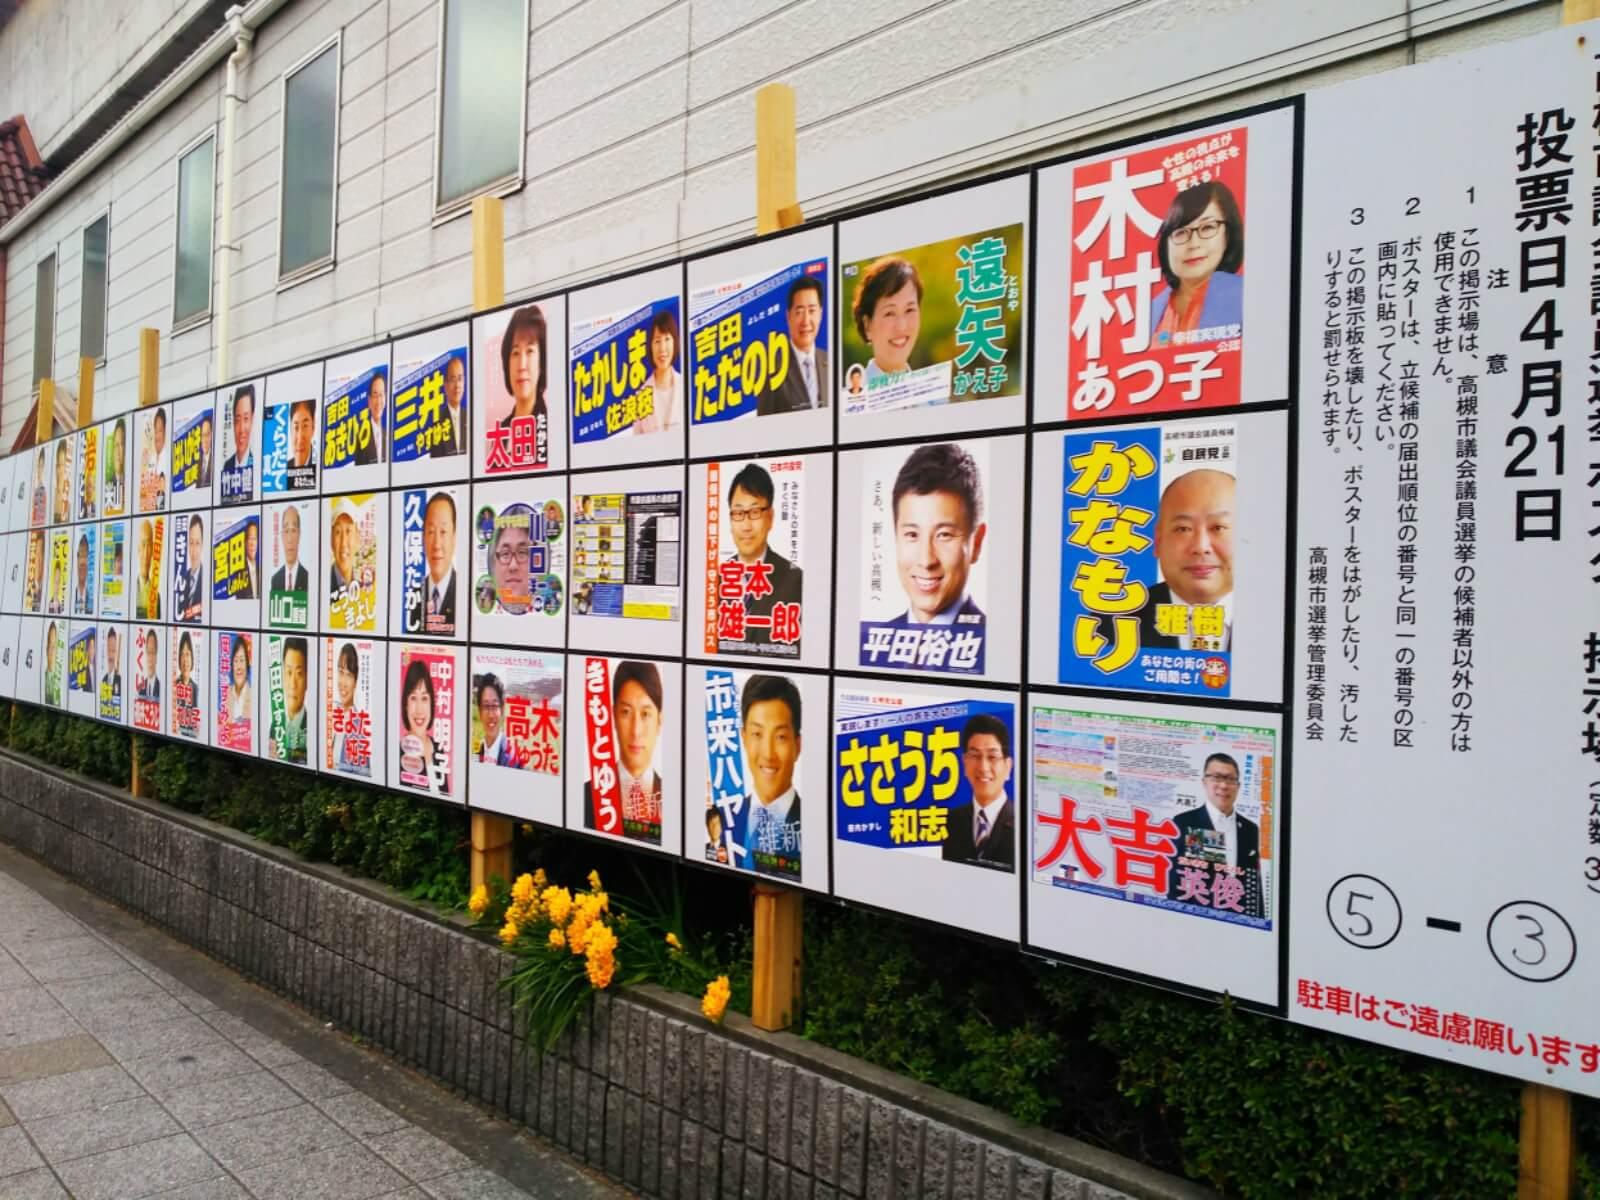 議員 高島 選挙 市議会